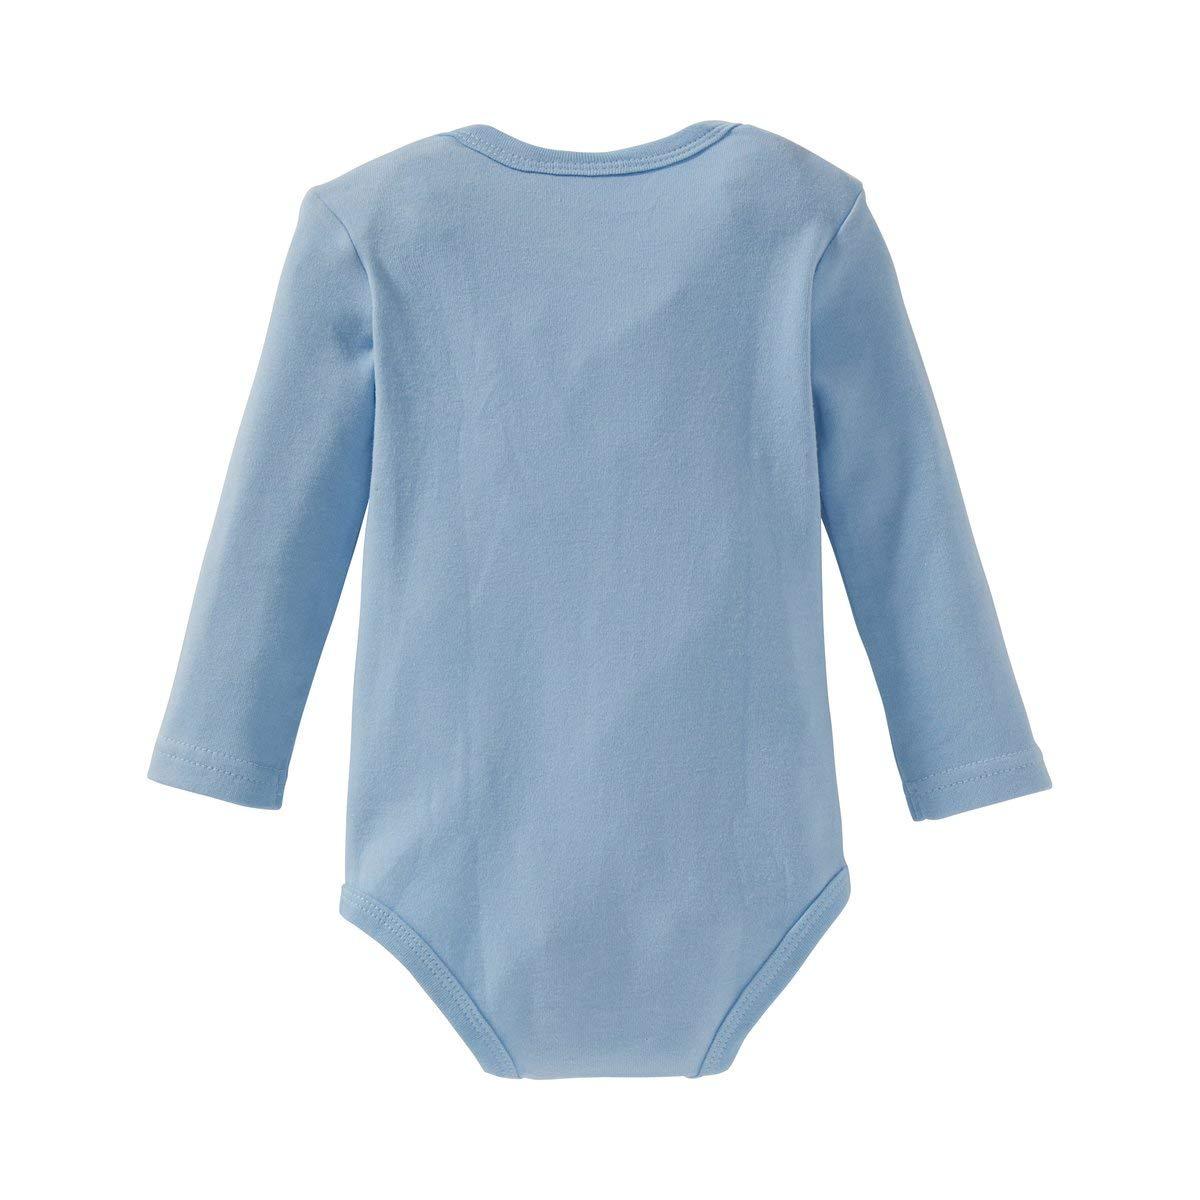 Bornino Body langarm mehrfarbig 3er-Pack Babybody mit Schlupfkragen /& Druckkn/öpfen im Schritt - Baby-Unterw/äsche aus reiner Baumwolle